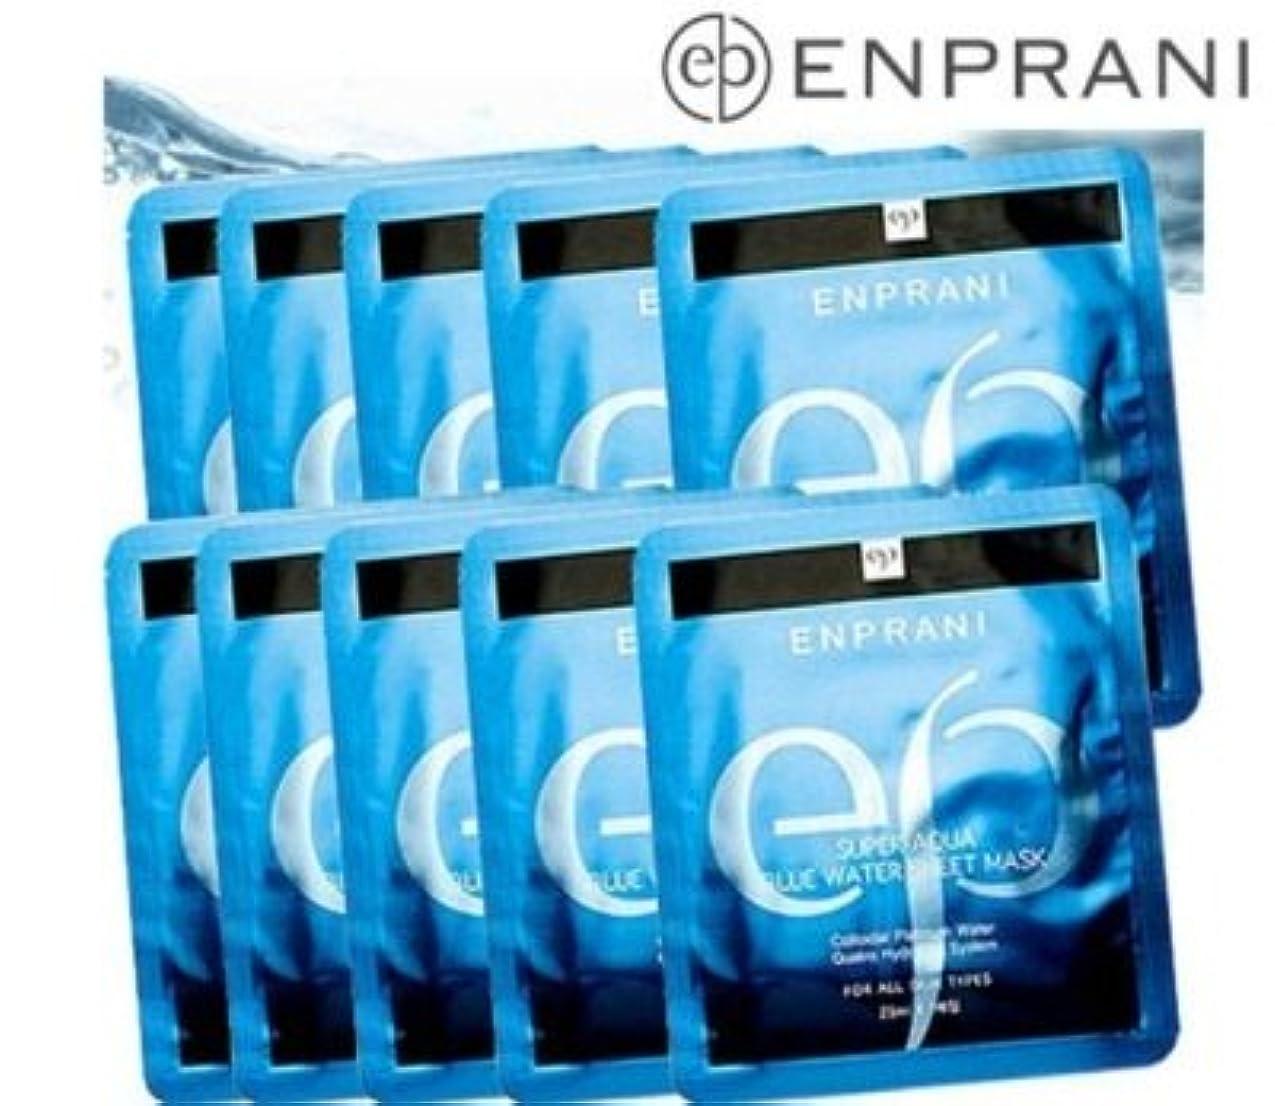 集まる可愛い包囲[30枚][エンプラニ ] ENPRANI [スーパーアクア シートマスク パック 30枚](Super Aqua Seat Mask 30 Sheets) [並行輸入品]